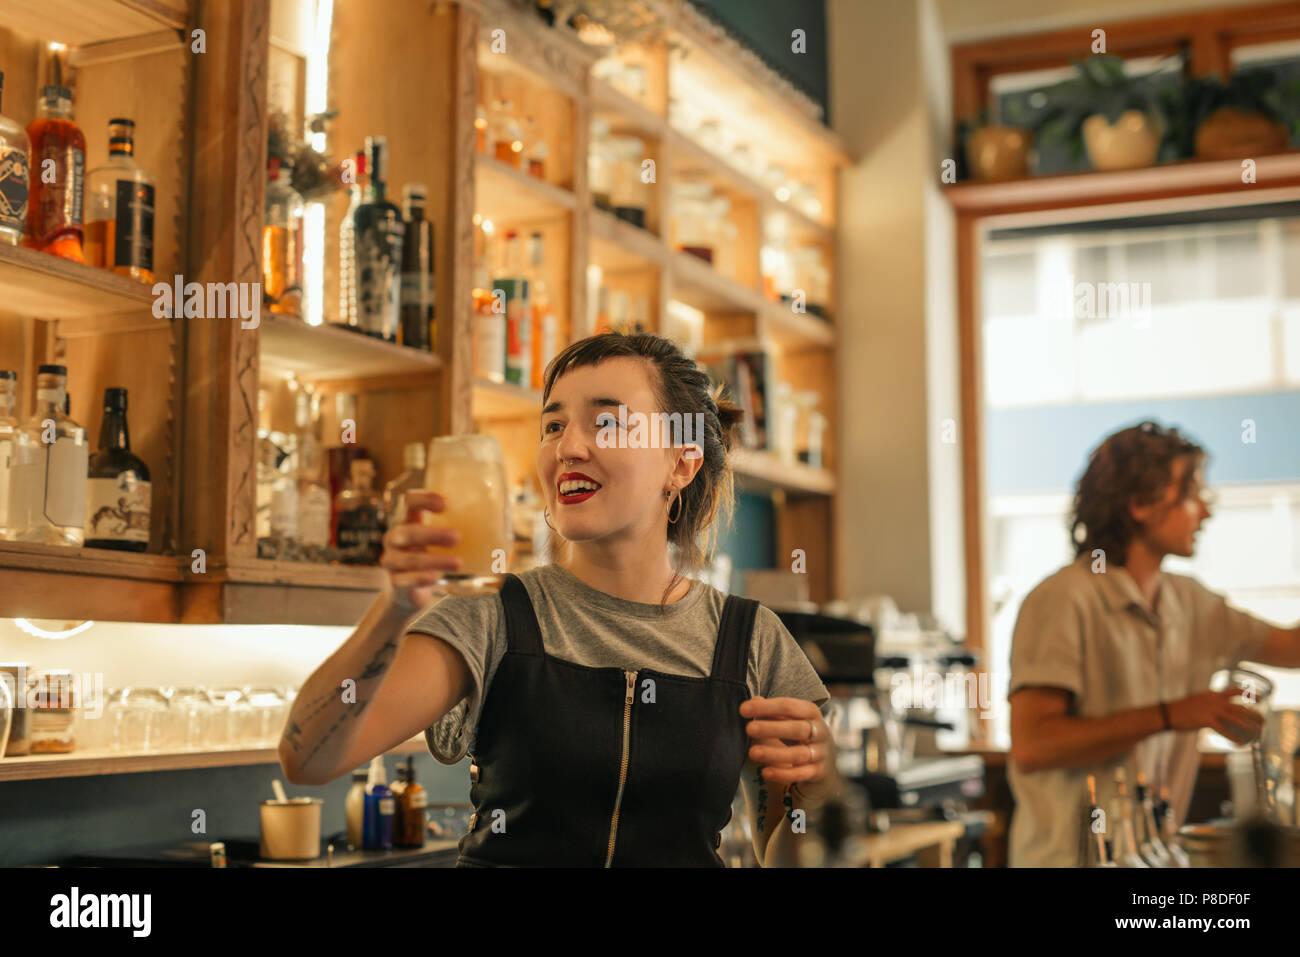 Sorridente giovane barista rendendo cocktail in un bar Immagini Stock